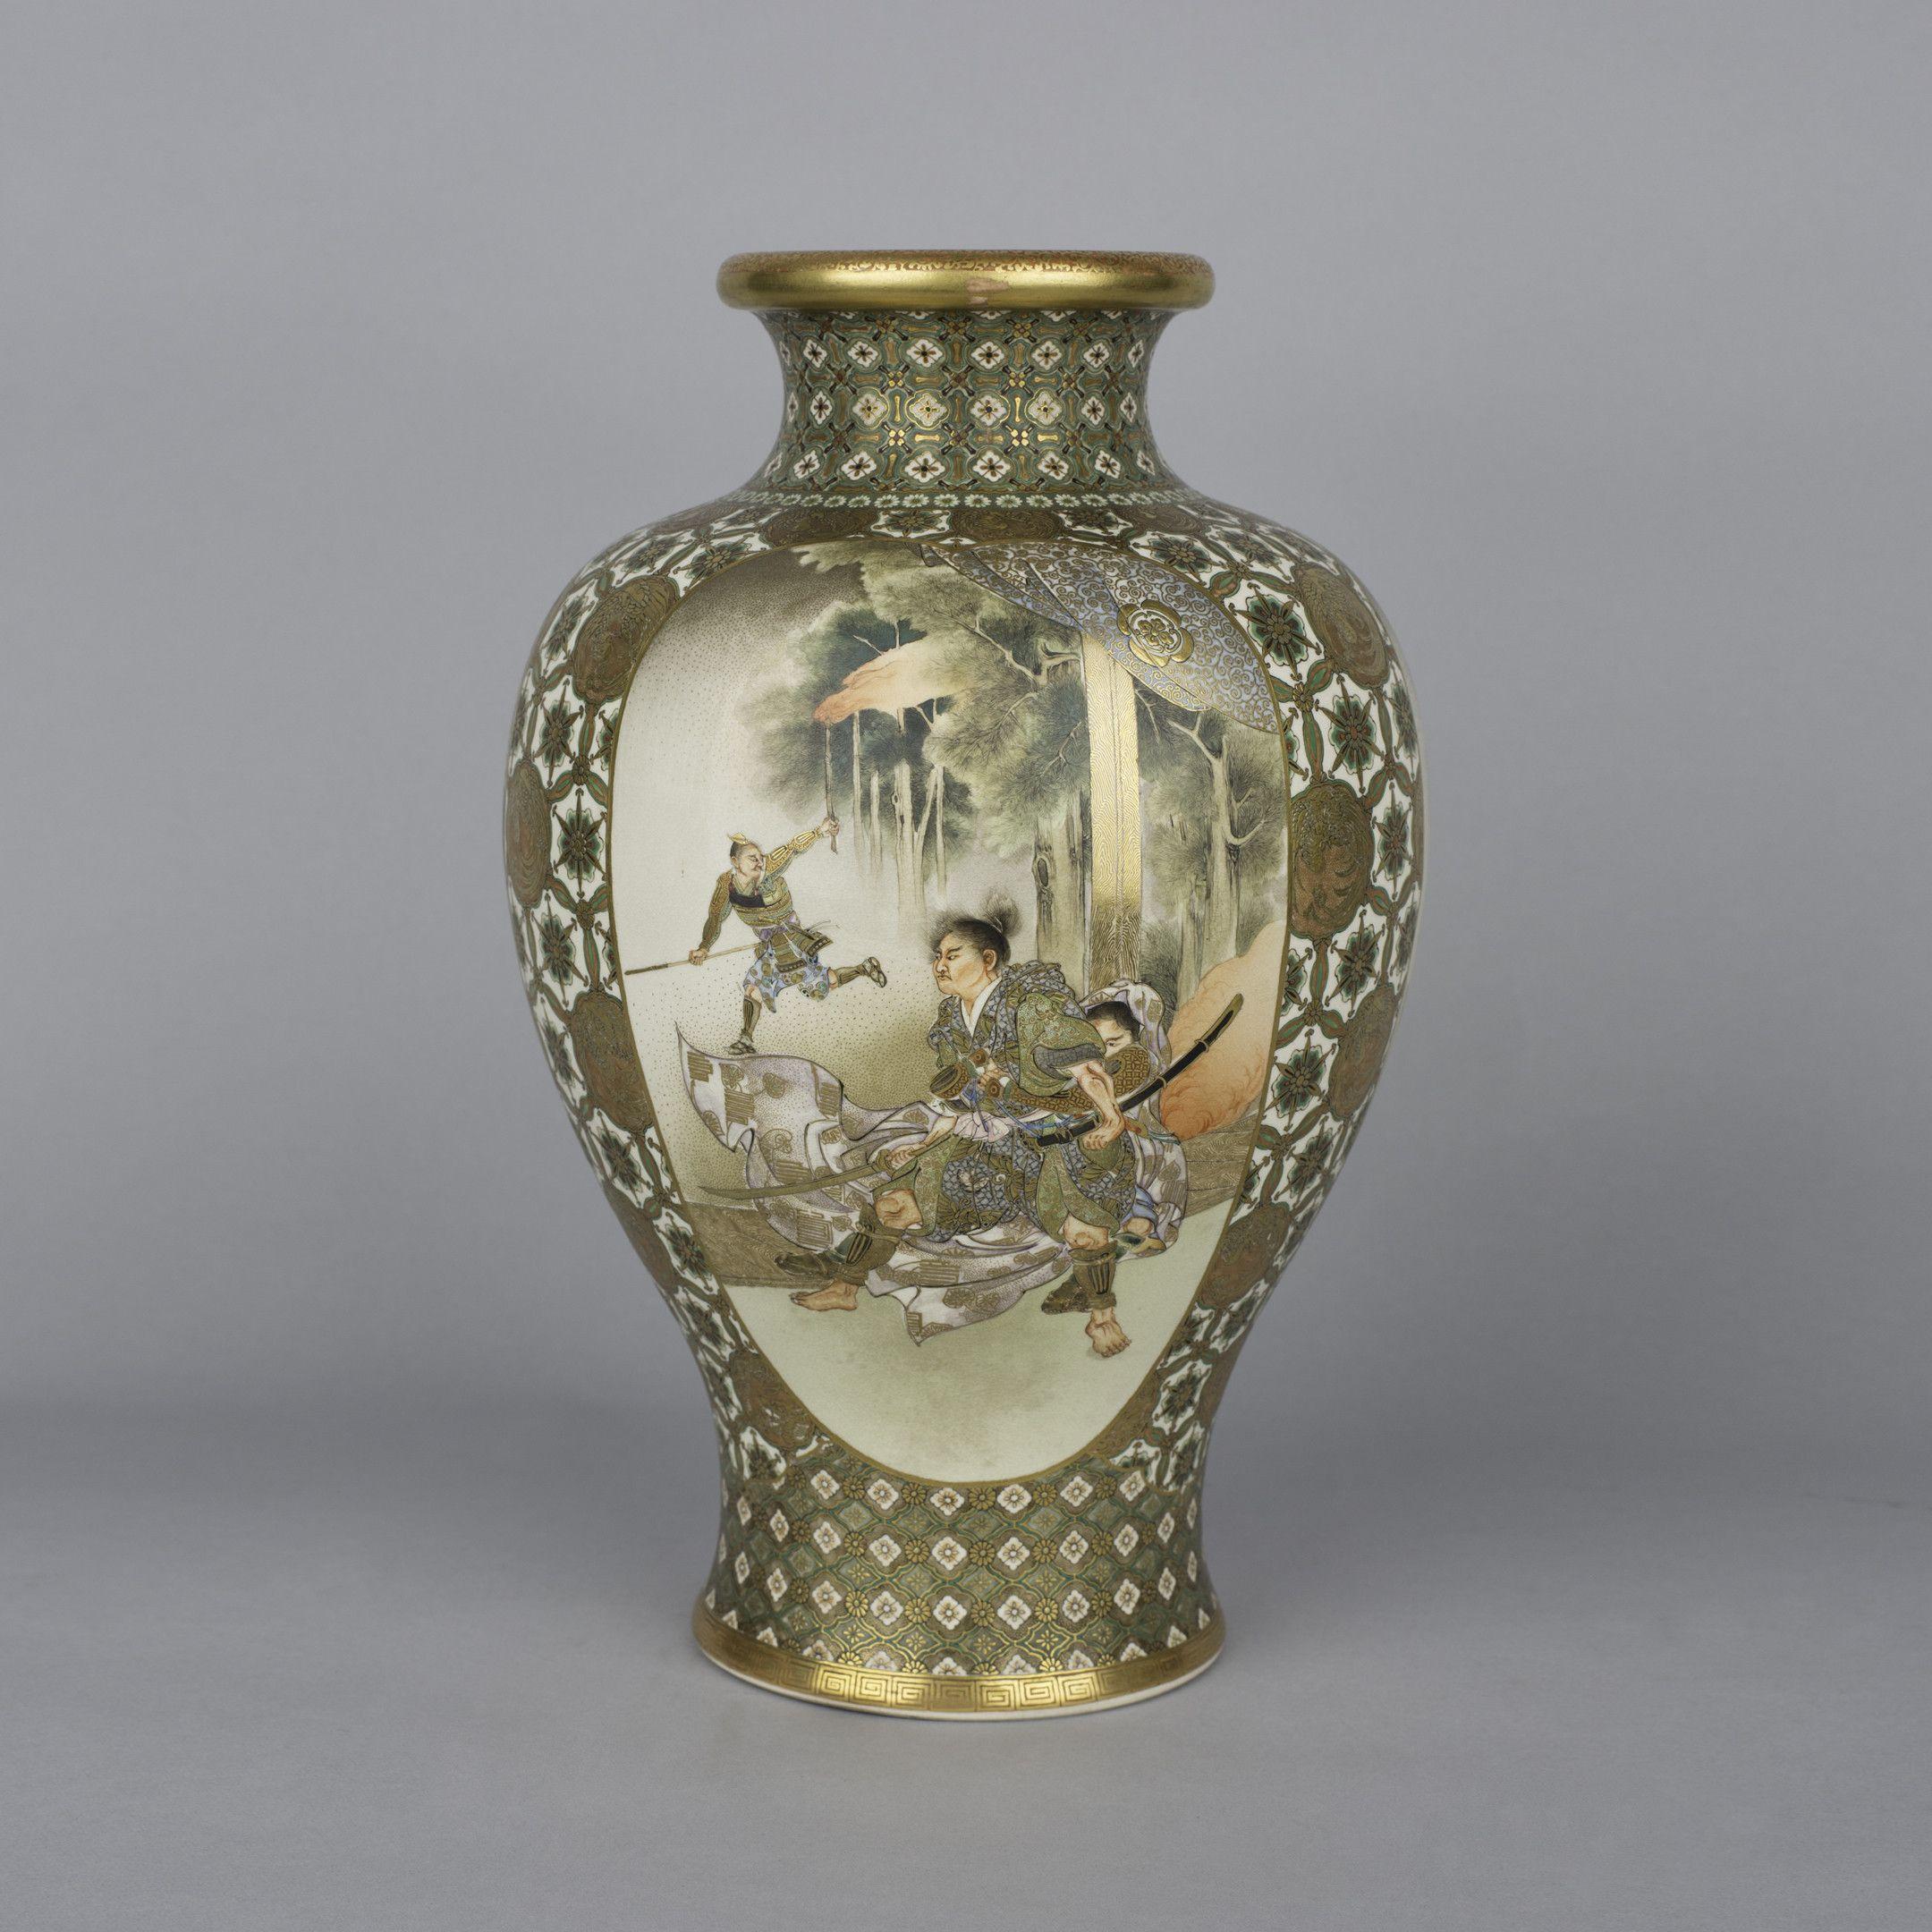 japanese vases for sale of satsuma vase meiji period 1868 1912 signed kinkozan meiji throughout satsuma vase meiji period 1868 1912 signed kinkozan